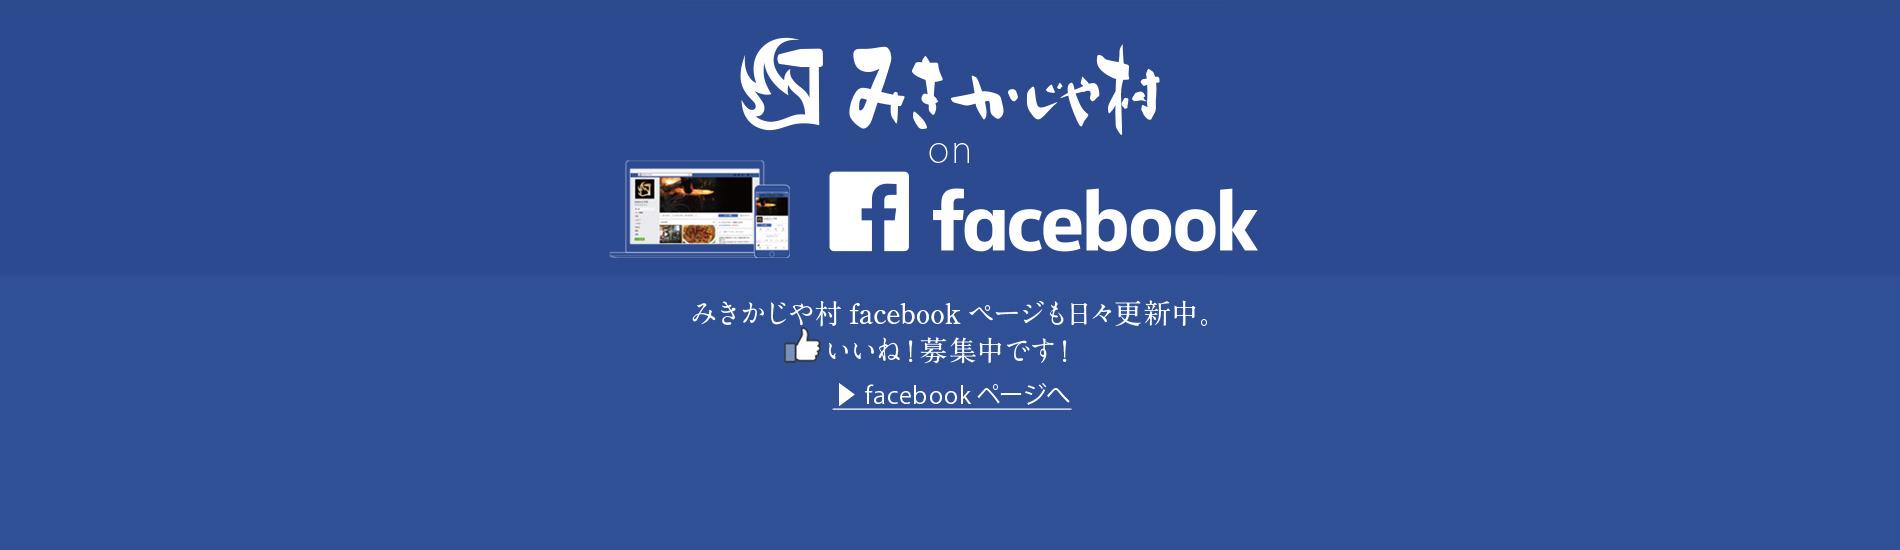 みきかじや村 facebookページ